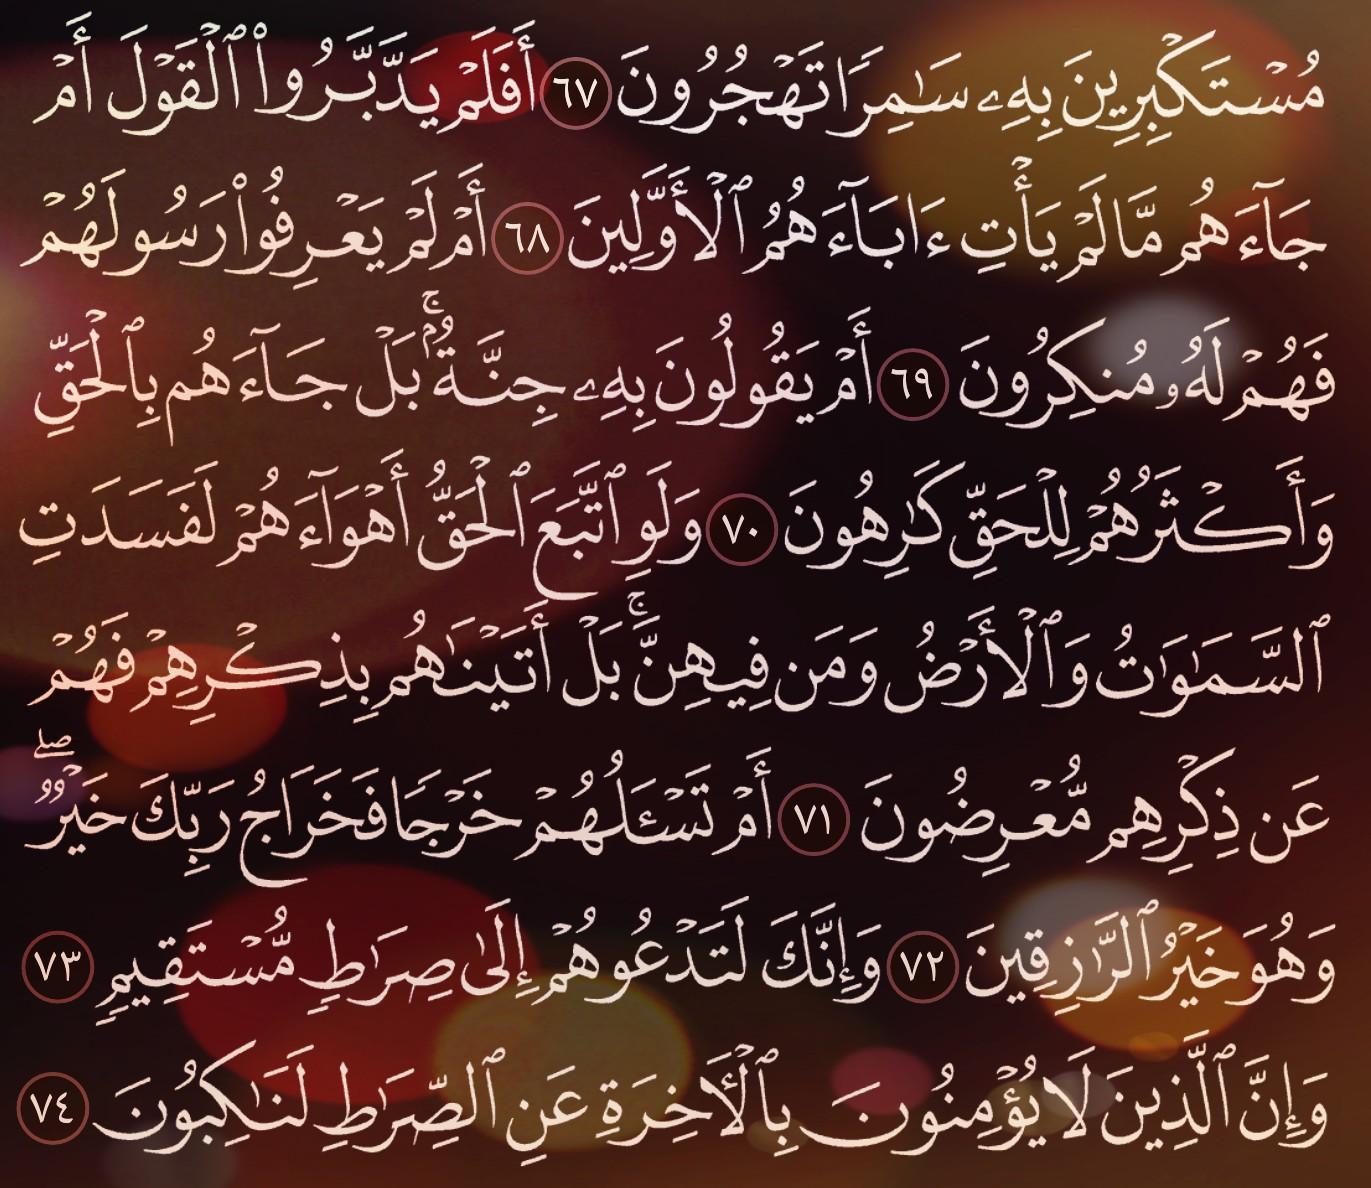 شرح وتفسير سورة المؤمنون Surah Al-Mu'minun ( من الآية 60 إلى الاية 81 )